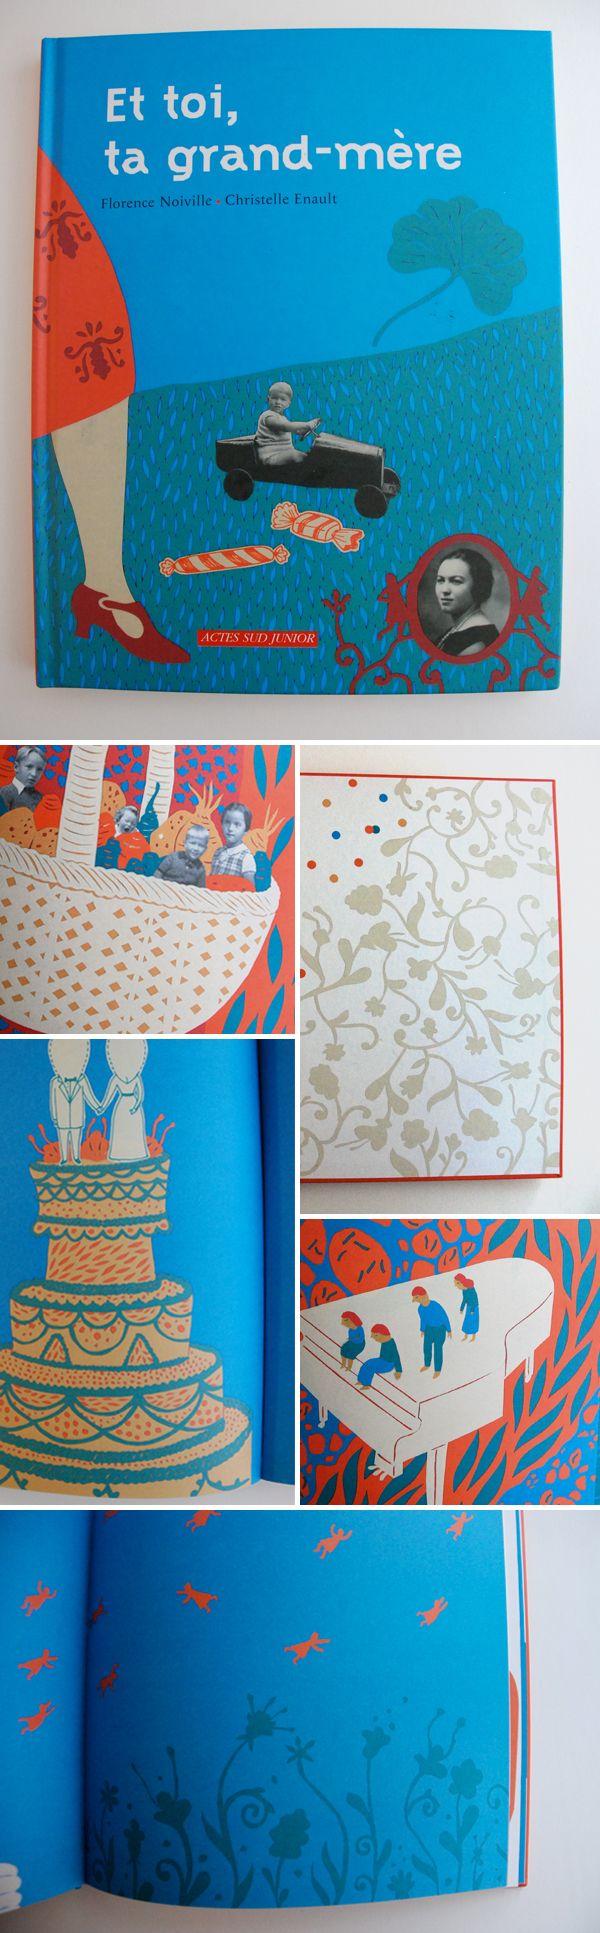 Quelques images deChristelle Enault, tout en papier découpé.    Nice book illustrated by Christelle Enault, all in papercut.